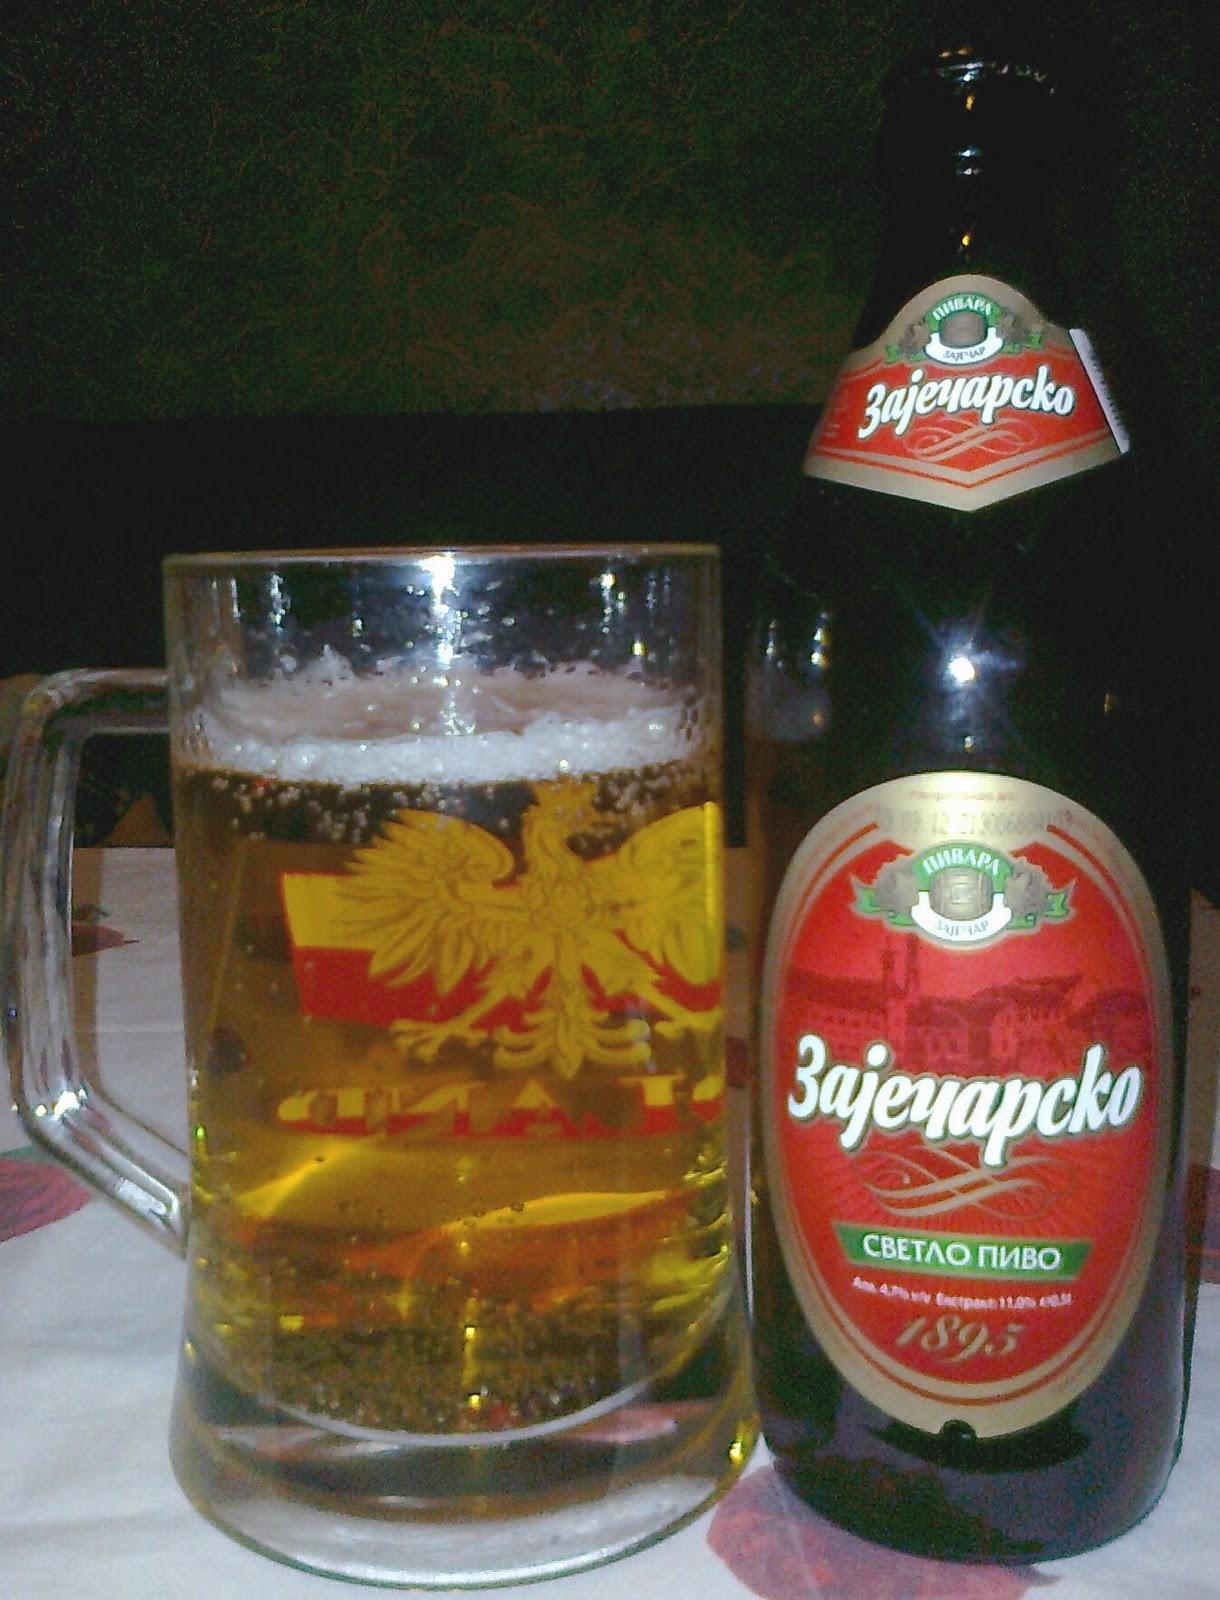 Zaichersko